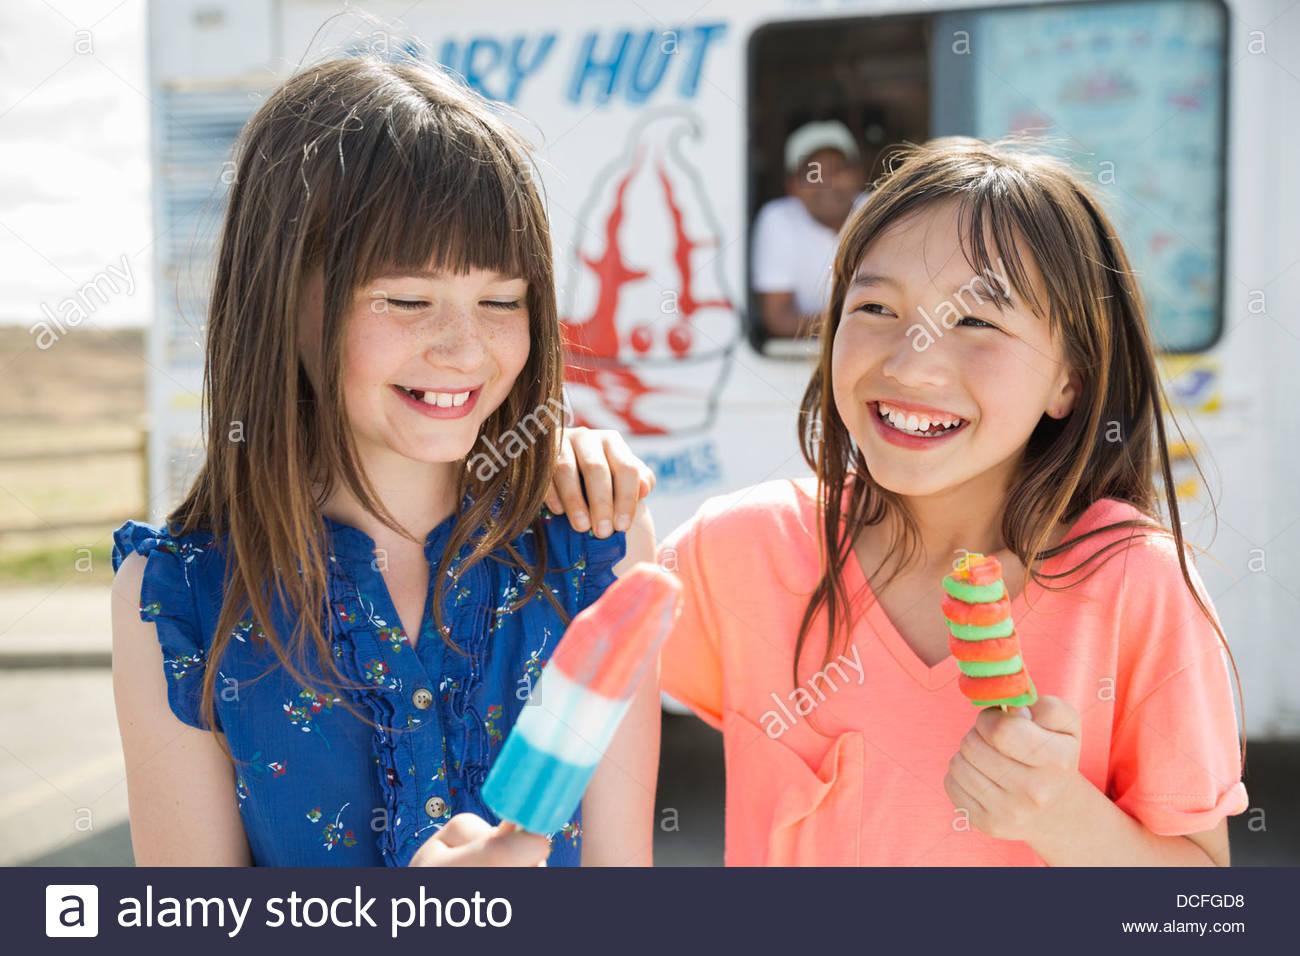 Las niñas comiendo paletas fuera Imagen De Stock